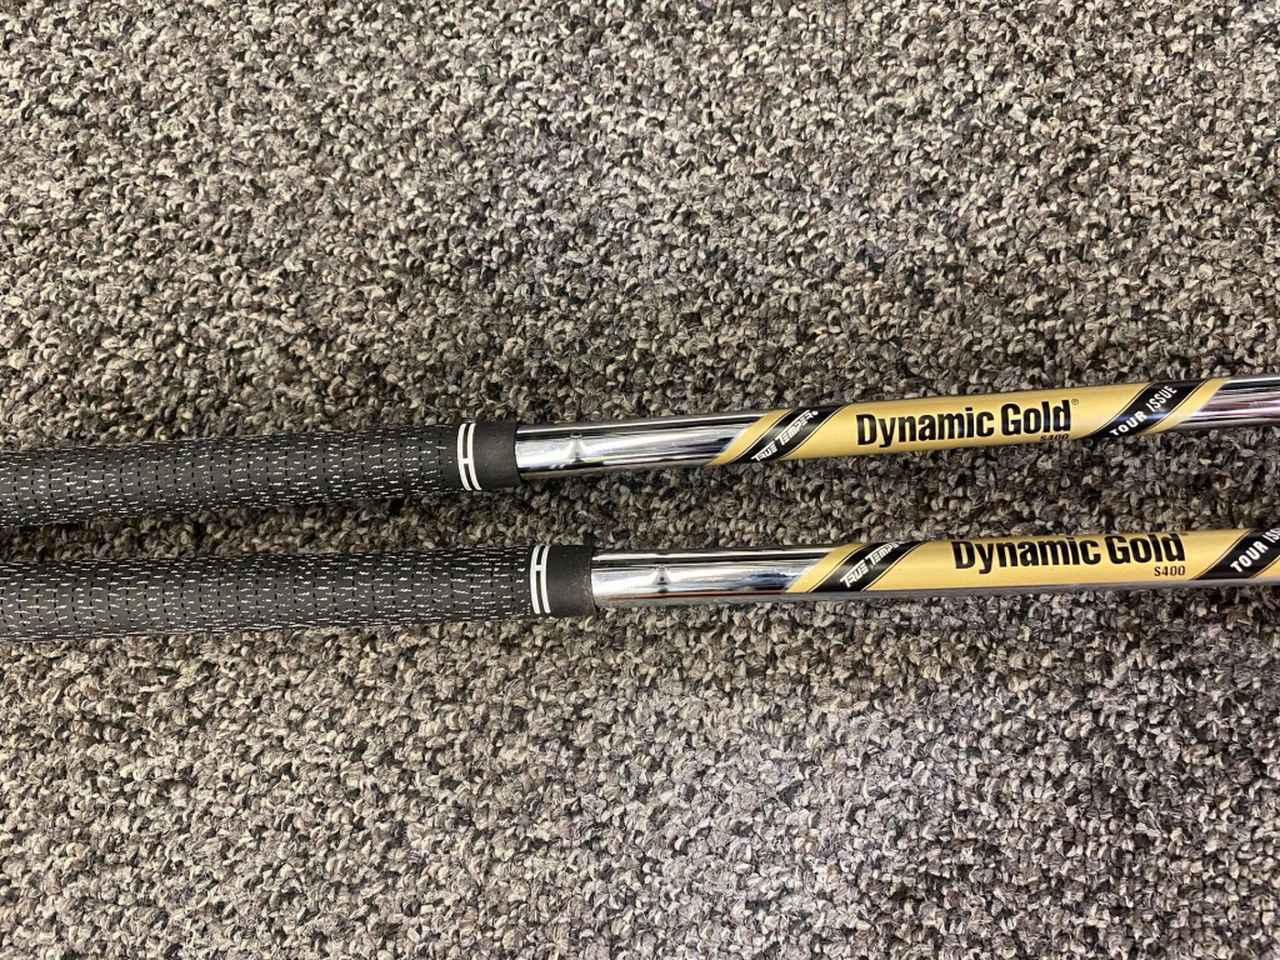 画像: シャフトはダイナミックゴールド ツアーイシューのS400フレックス